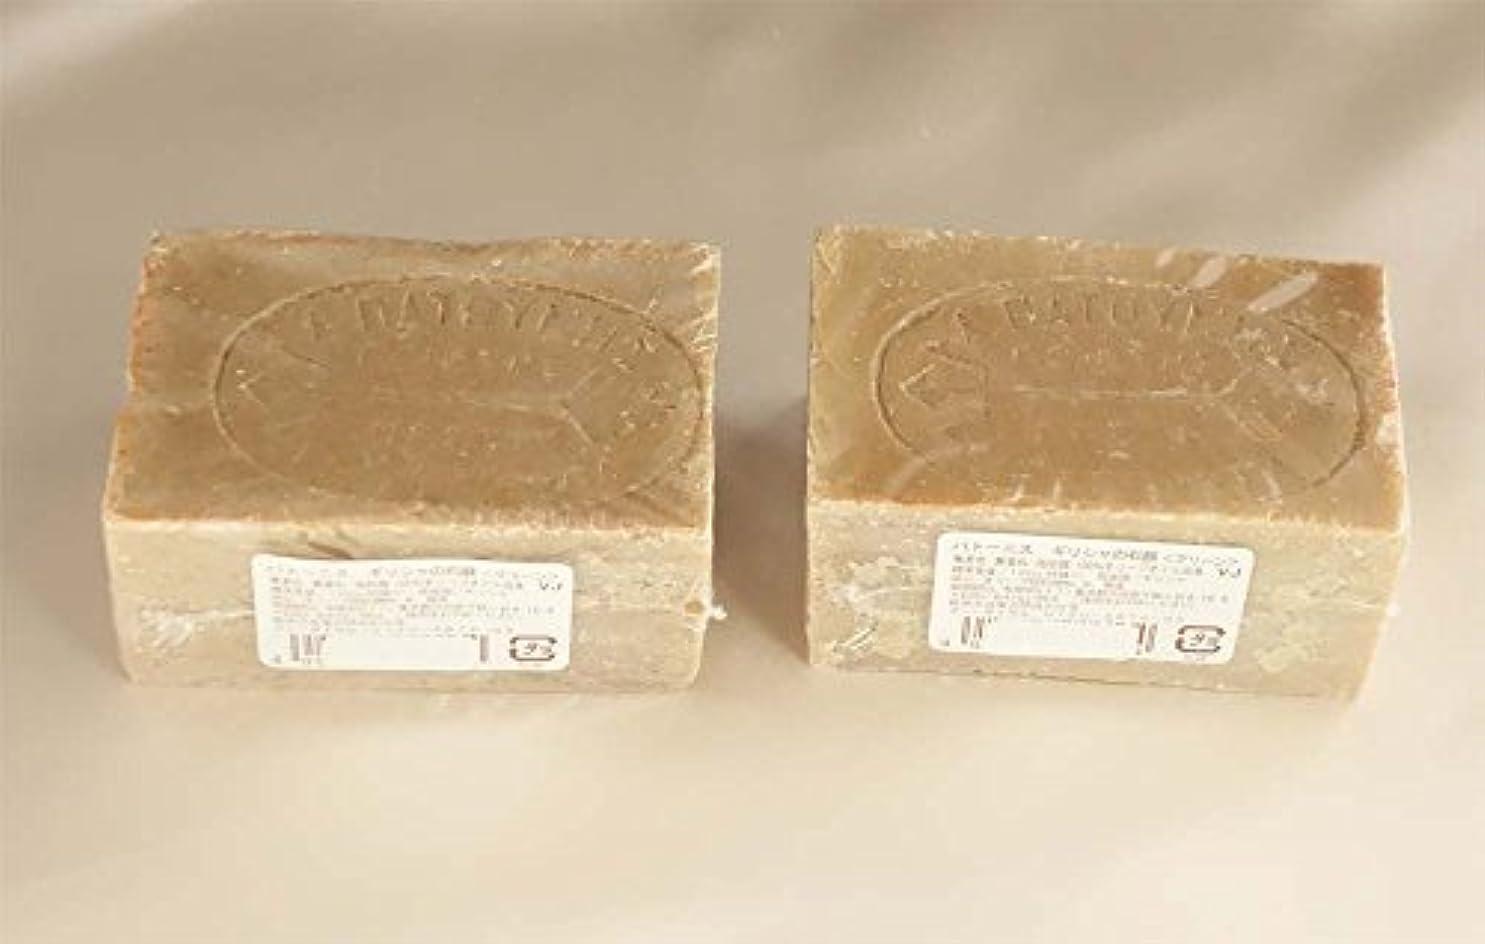 極小スタック一掃するパトーニス ギリシャの石けん グリーン 120g ×2個パック / オーガニック オリーブオイル / 無添加 / 洗顔 / 全身